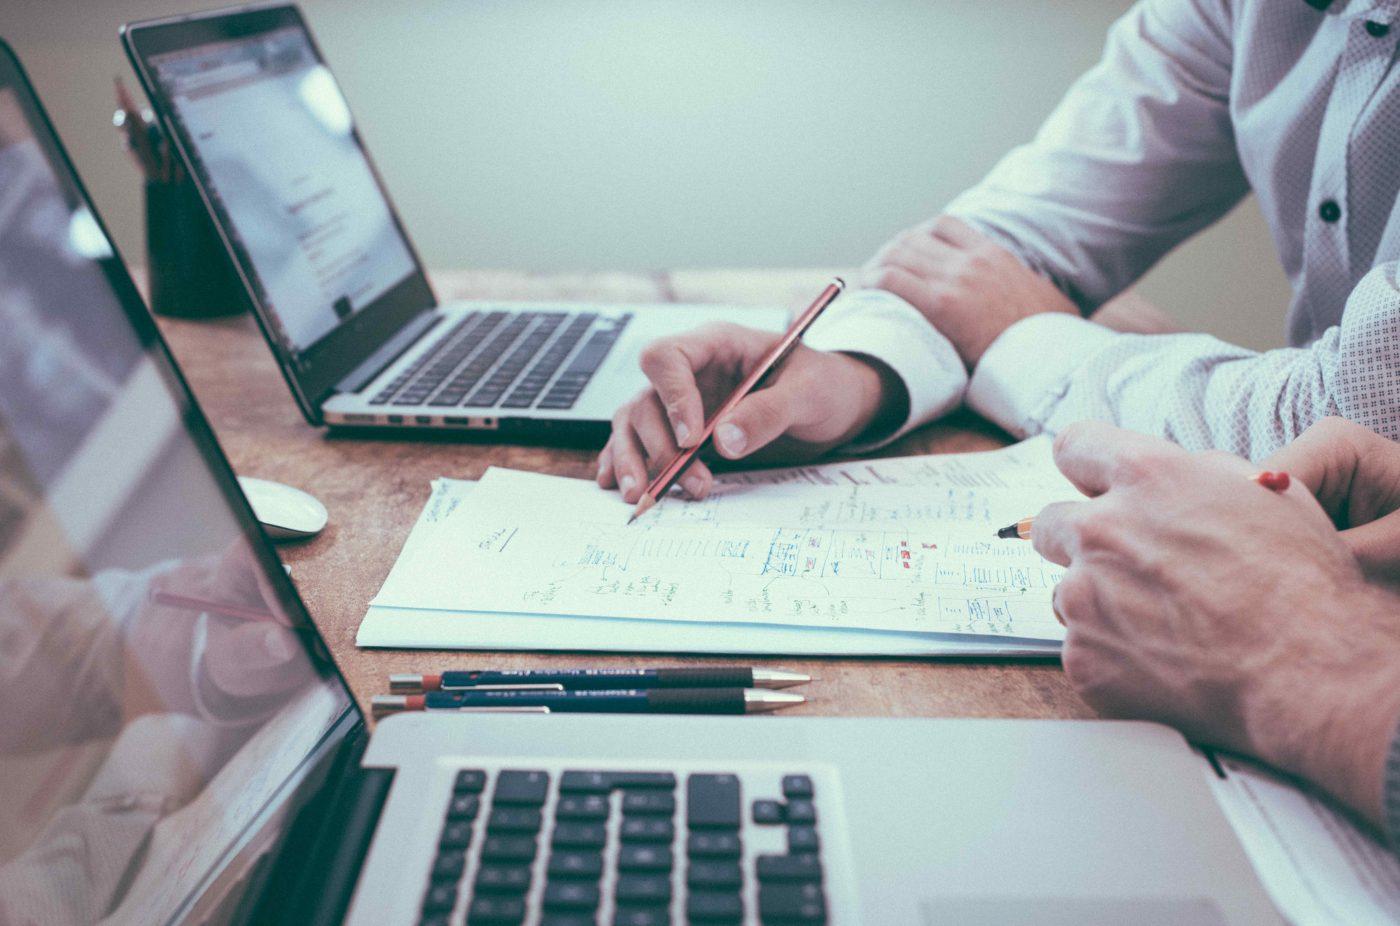 Brand e learning experience diventano sempre più personalizzate